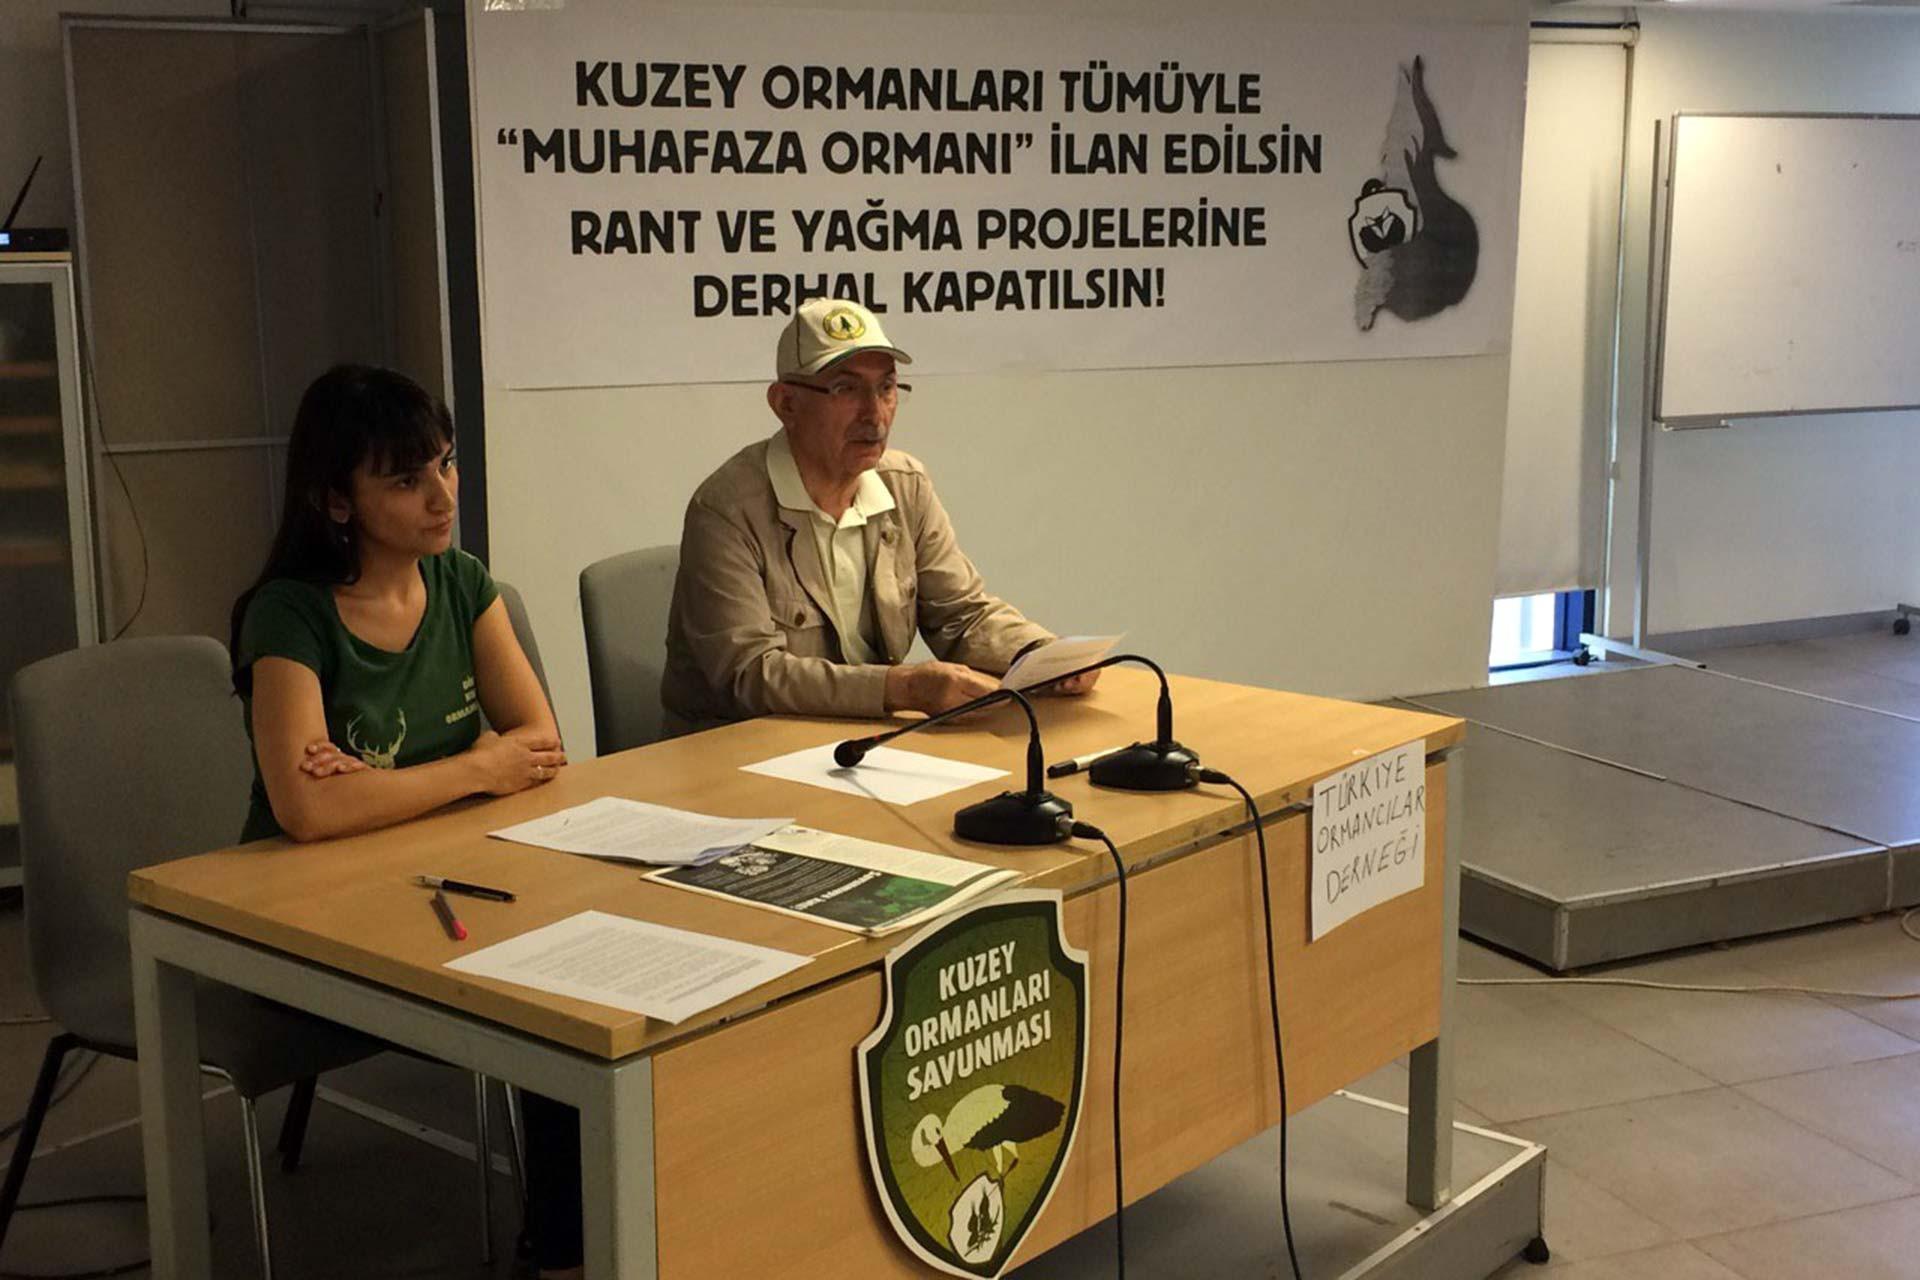 'Kuzey Ormanları 'Muhafaza Ormanı' ilan edilerek korumaya alınmalı'